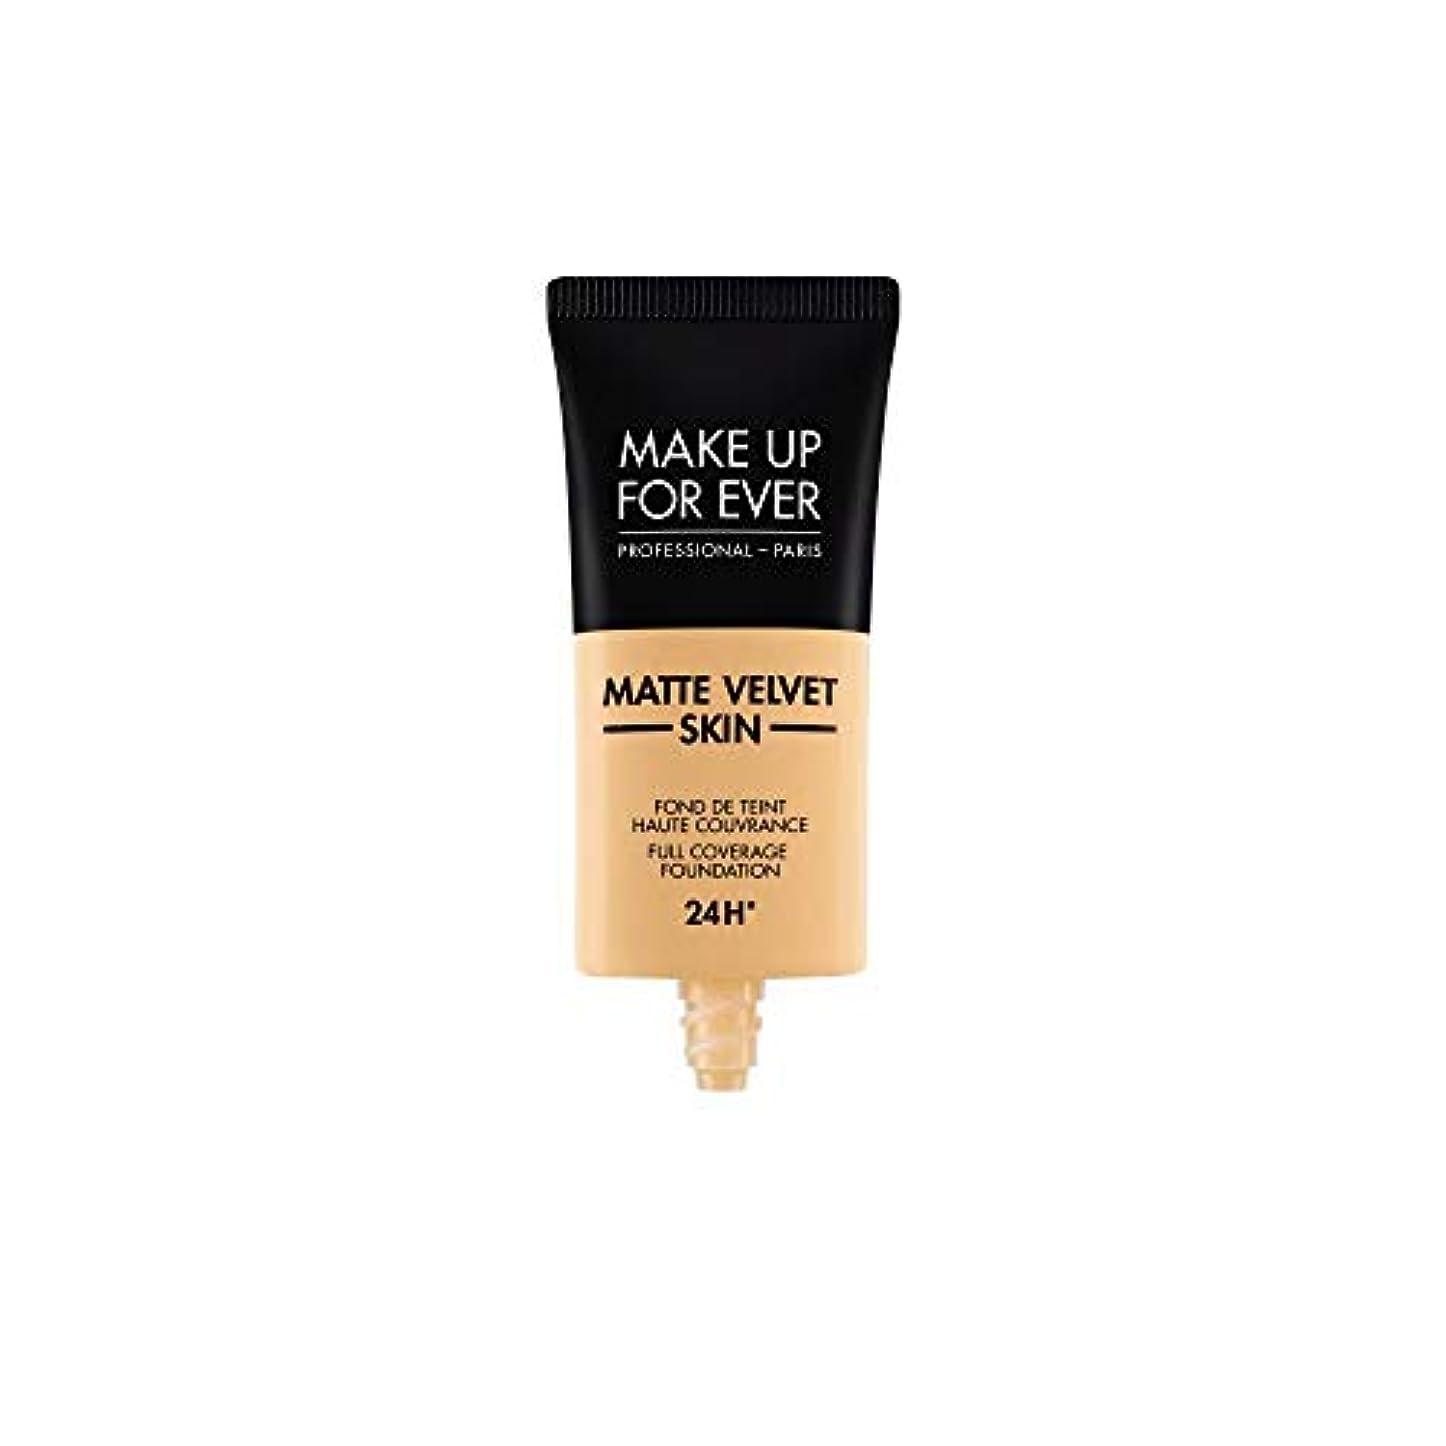 凝縮する抑制廃棄メイクアップフォーエバー Matte Velvet Skin Full Coverage Foundation - # Y245 (Soft Sand) 30ml/1oz並行輸入品